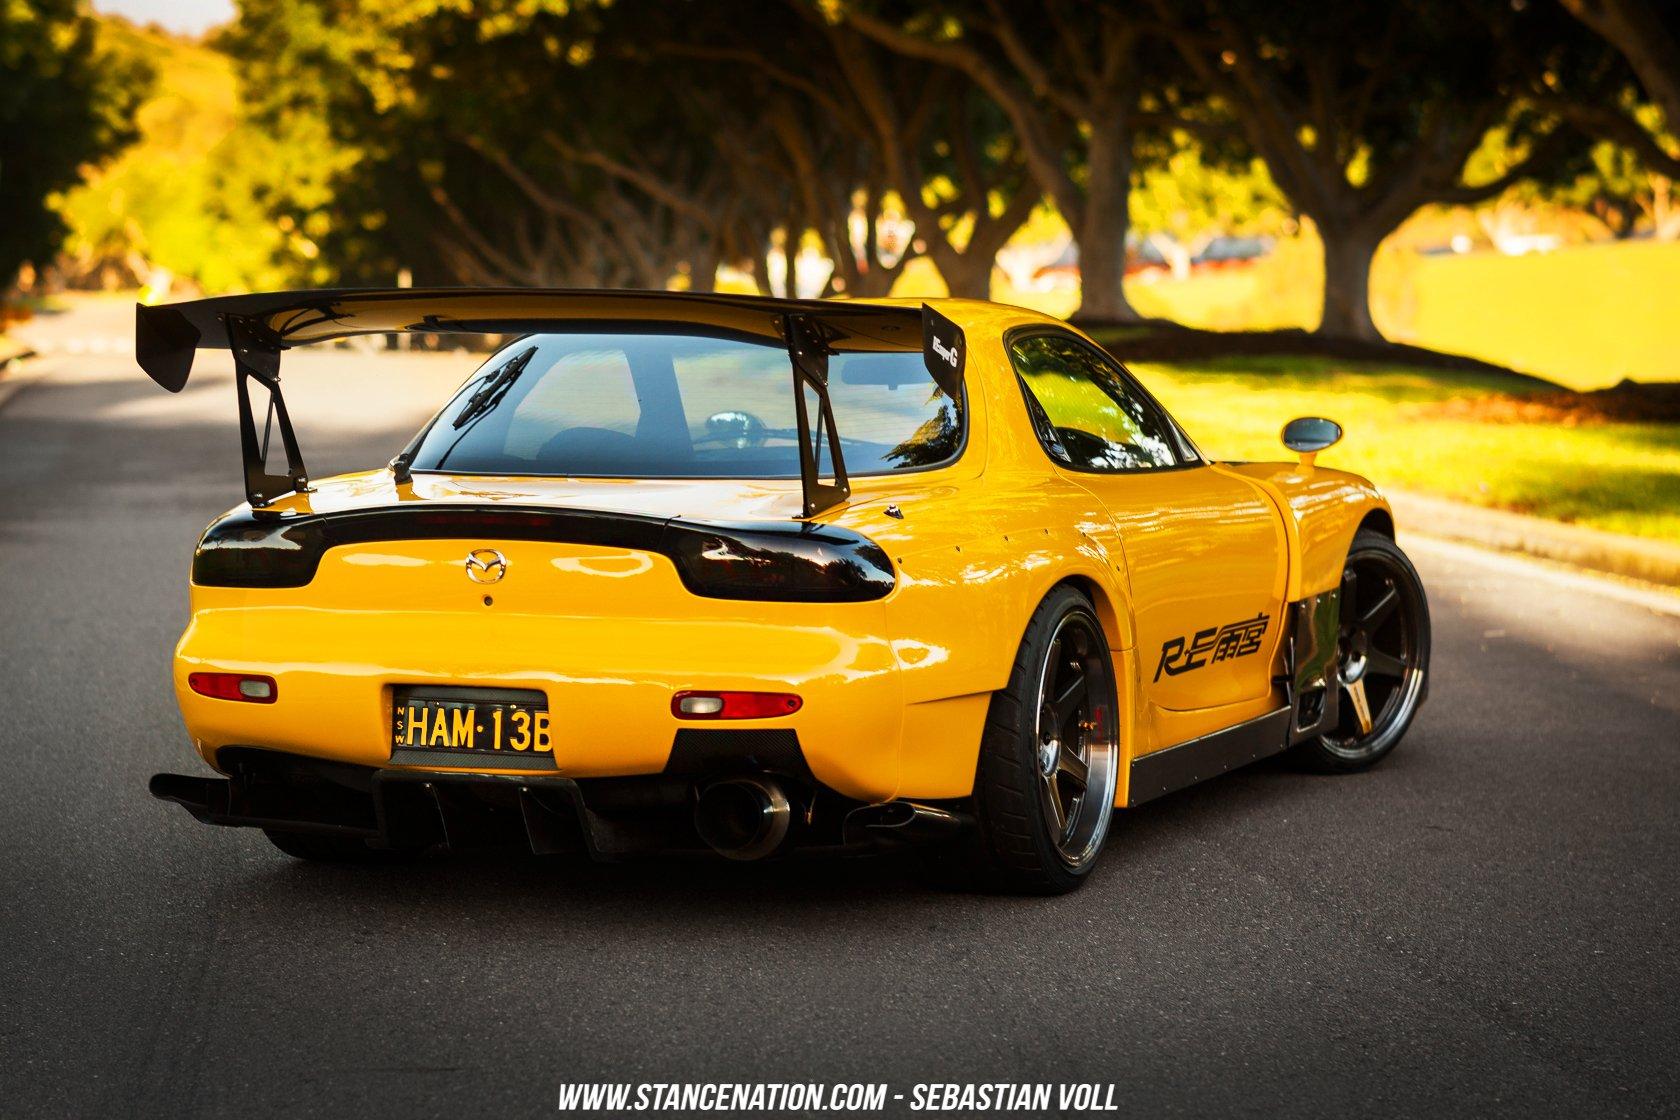 Mazda Rx 7 Coupe Cars Modified Wallpaper 1680x1120